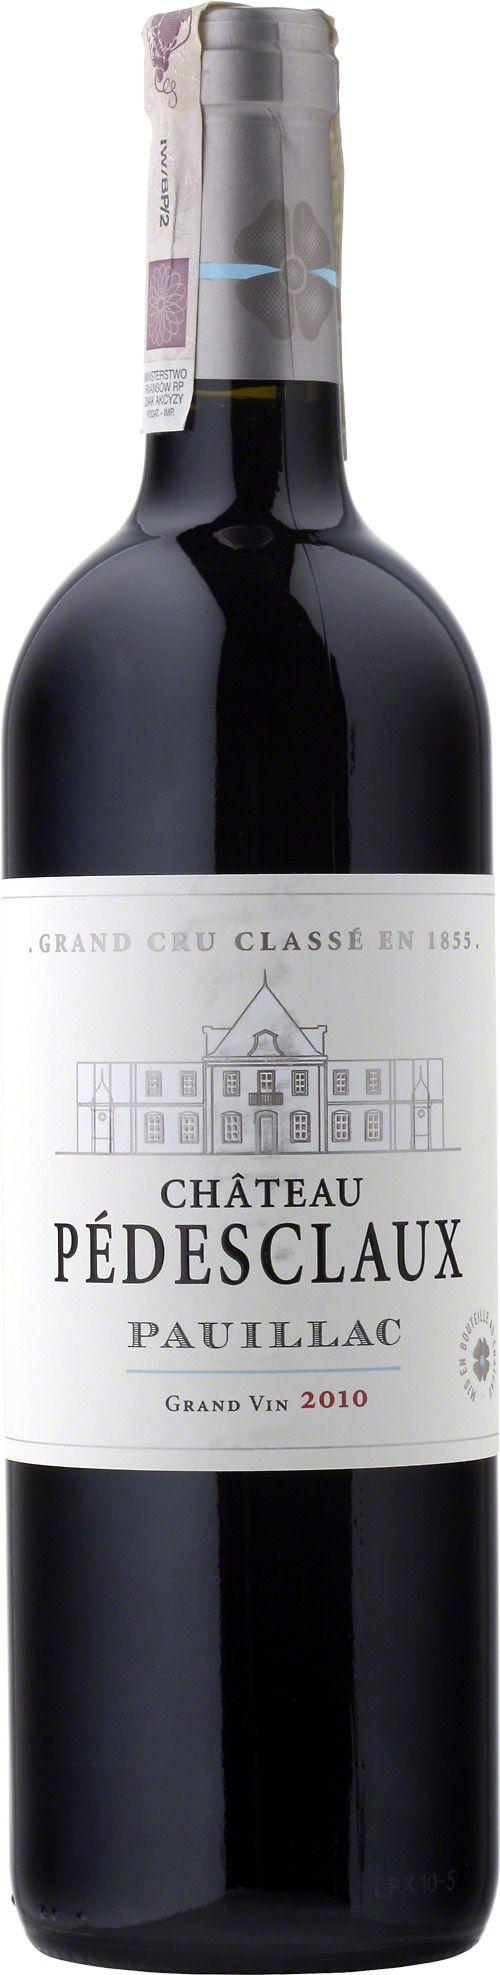 Chateau Pedesclaux 5-Eme G.C.C. Pauillac Wino klasyczne dla apelacji, rubinowo-granatowy kolor, wyraziste taniny, świetnie zrónoważone, bogate aromaty czarnych porzeczek, wiśni, tytoniu i gorzkiej czekolady. #Wino #Bordeaux #Pauillac #Winezja #Chateau